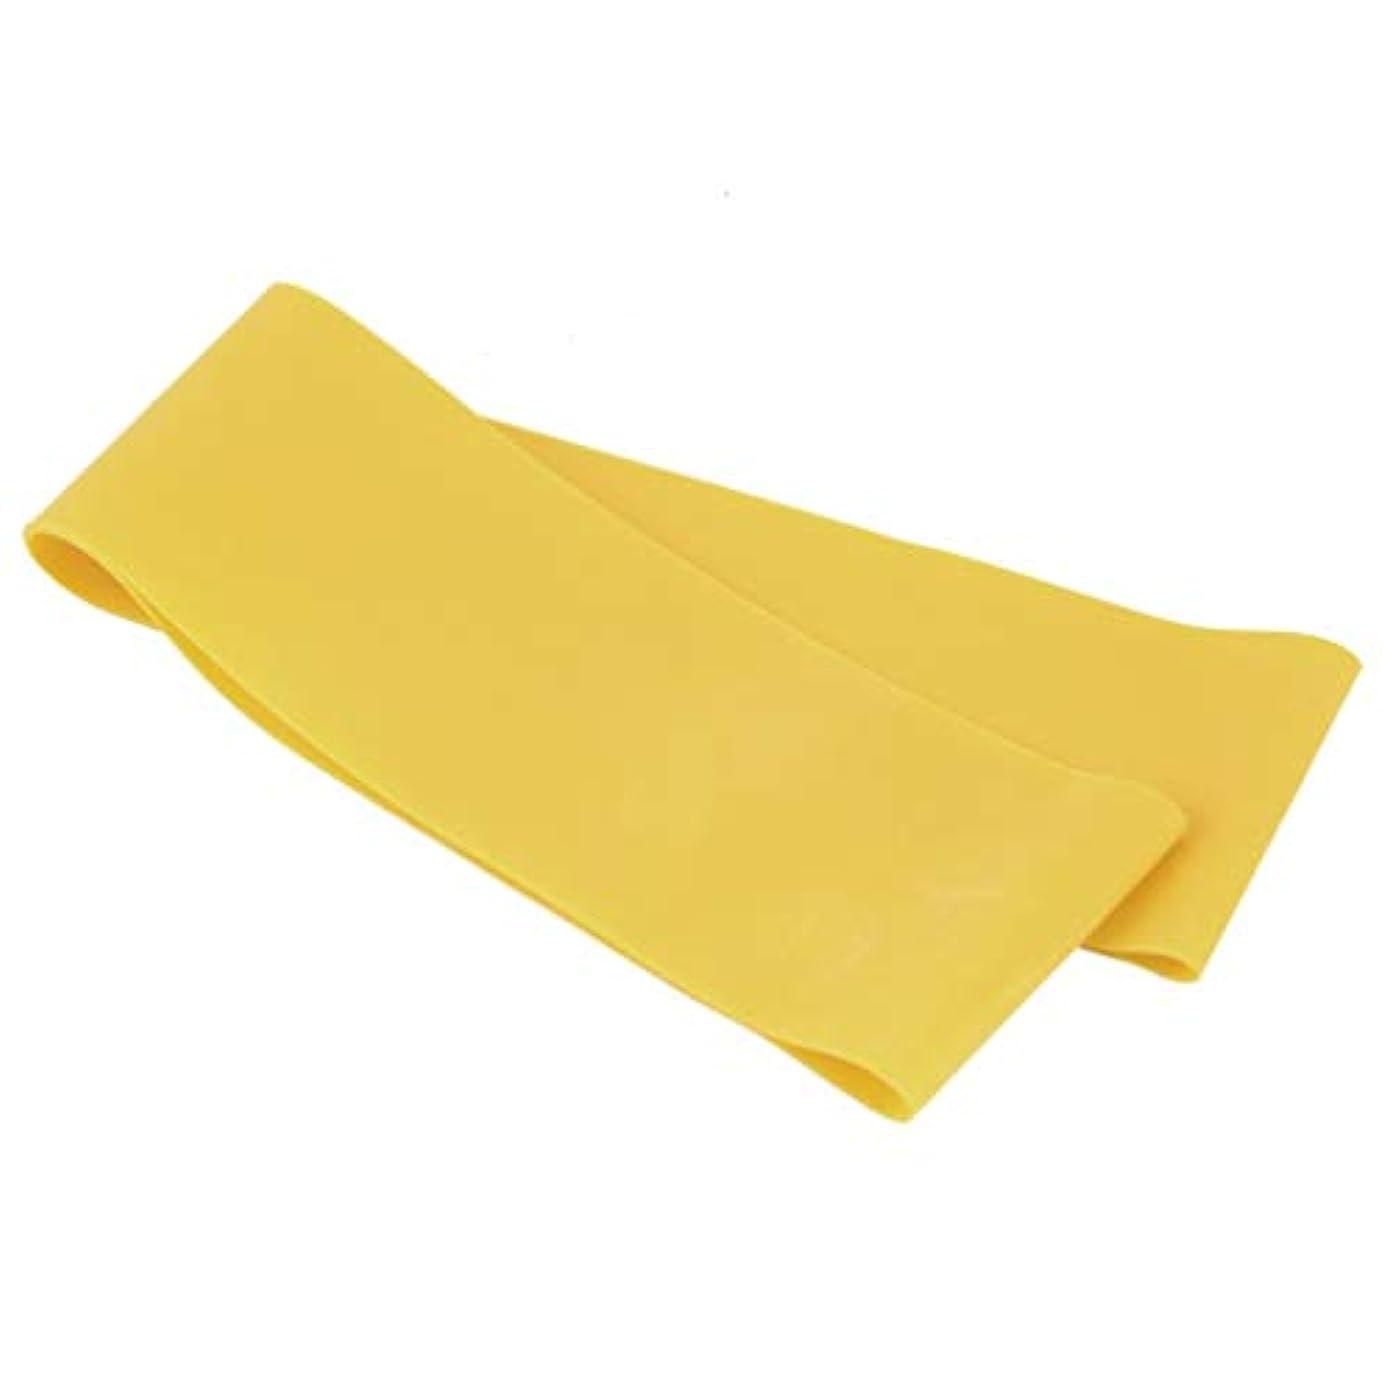 爆発物おもてなしシェルター滑り止めの伸縮性のあるゴム製伸縮性があるヨガのベルトバンド引きロープの張力抵抗バンドループ強さのためのフィットネスヨガツール - 黄色